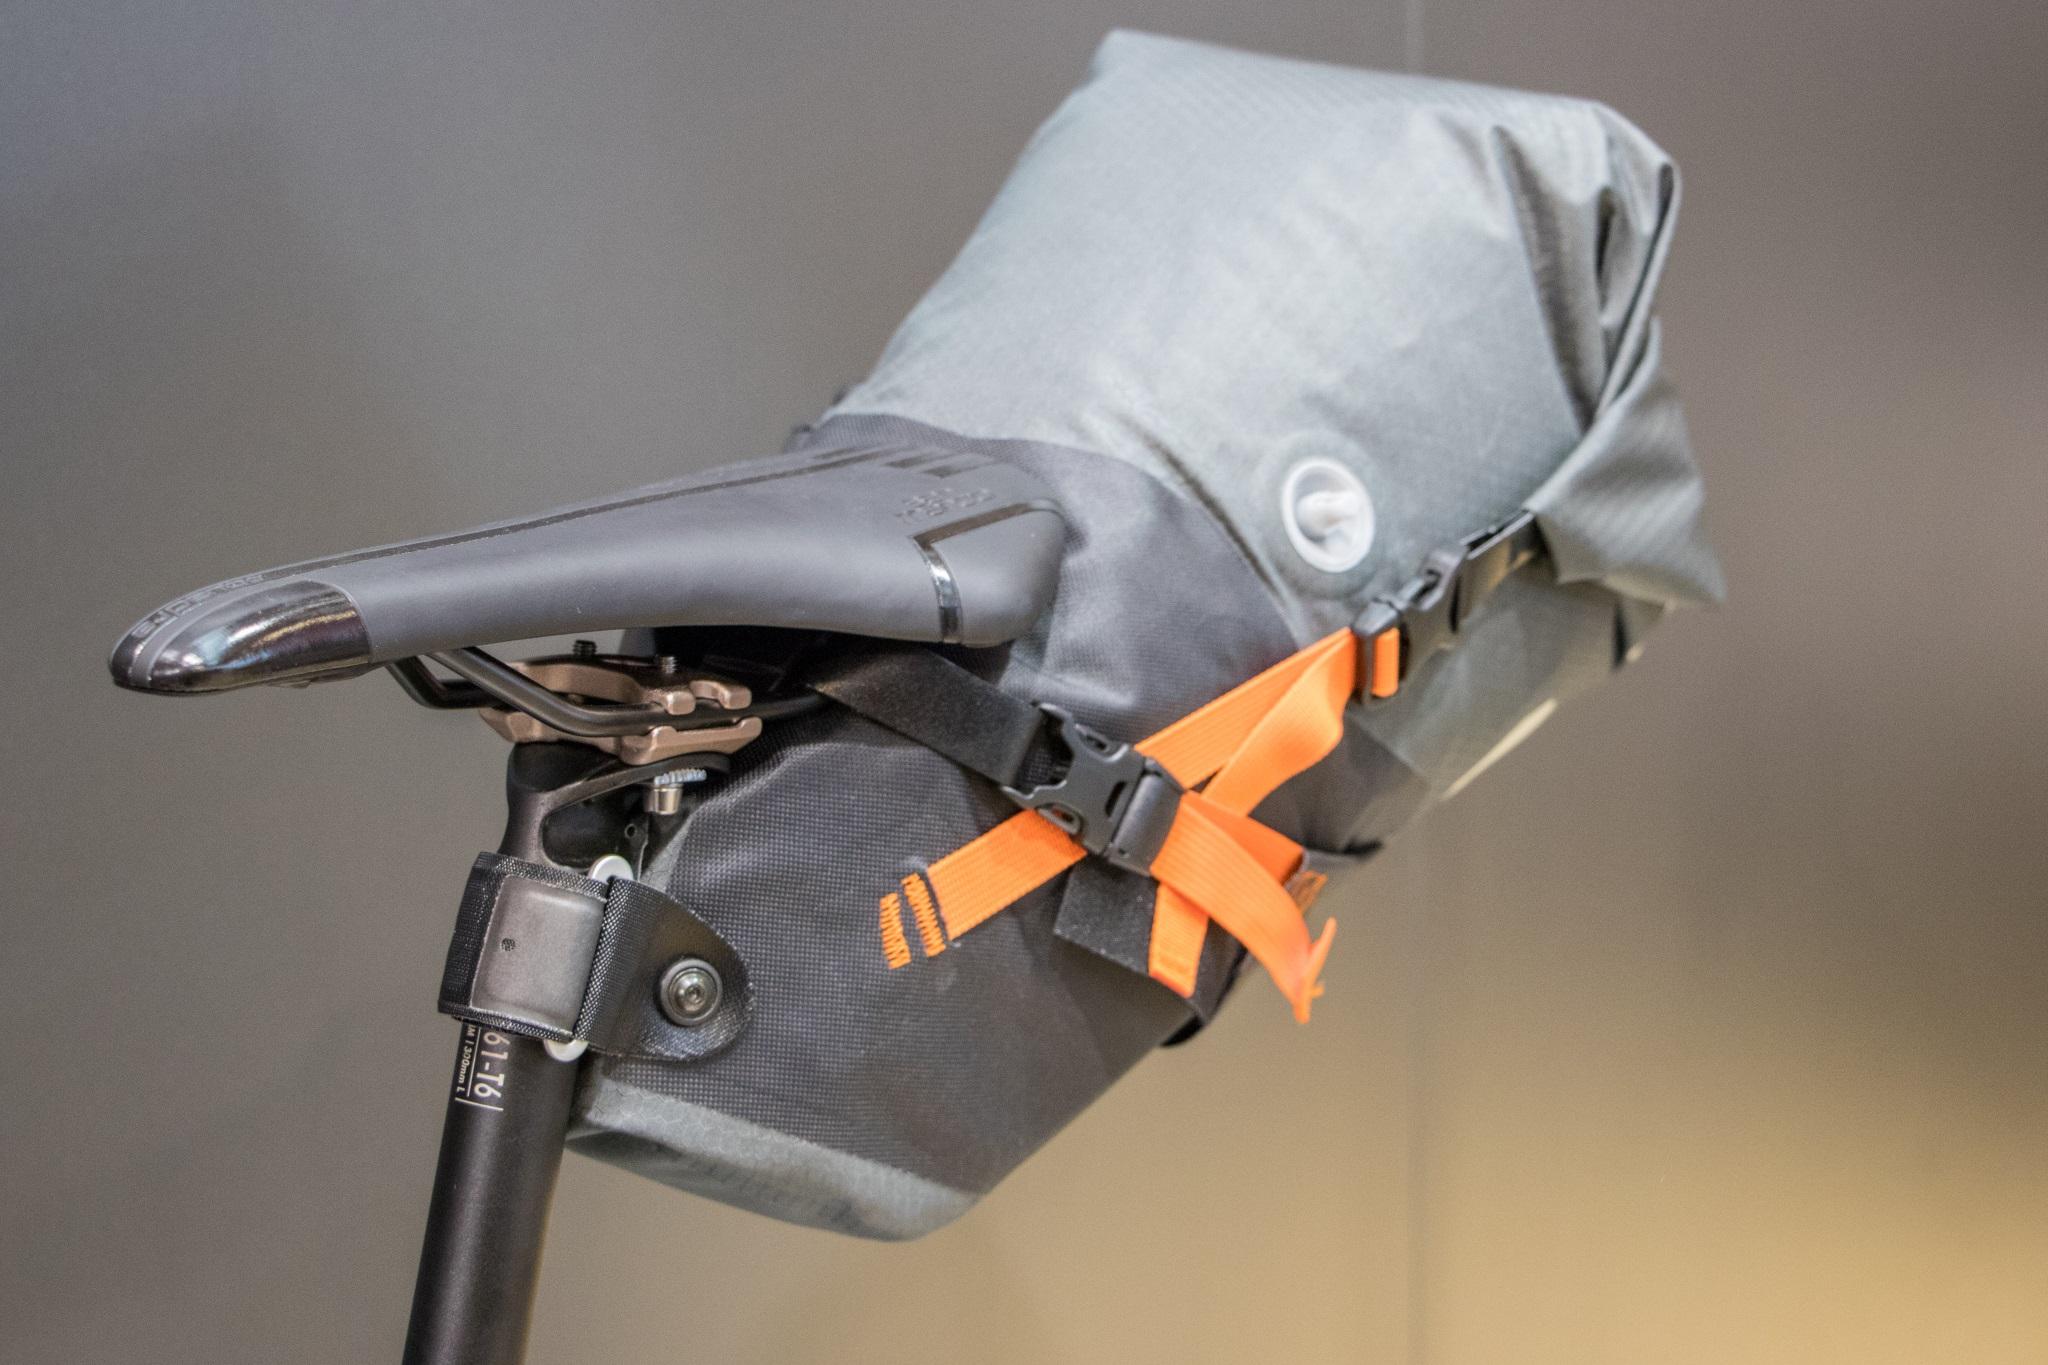 ortlieb_eurobike_bikepacking005